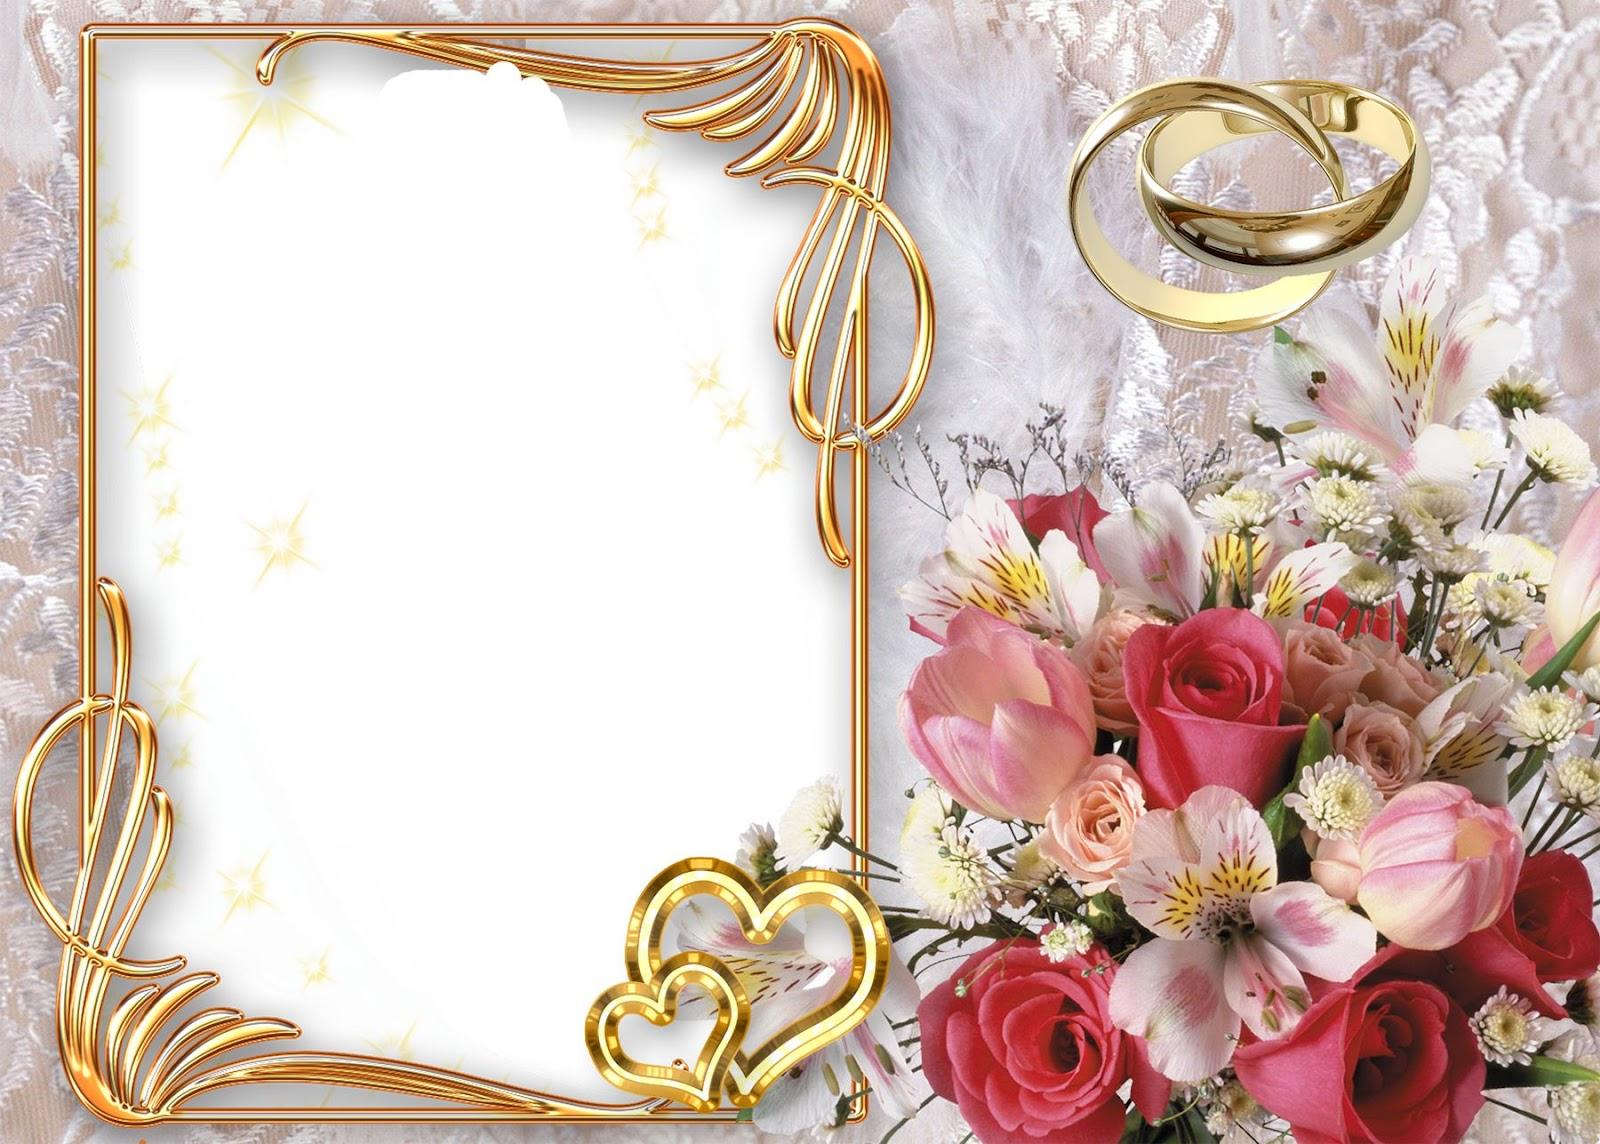 cadre photofiltre mariage perfect latest simple noir blanc en bois cadre photo pcsensemble de. Black Bedroom Furniture Sets. Home Design Ideas